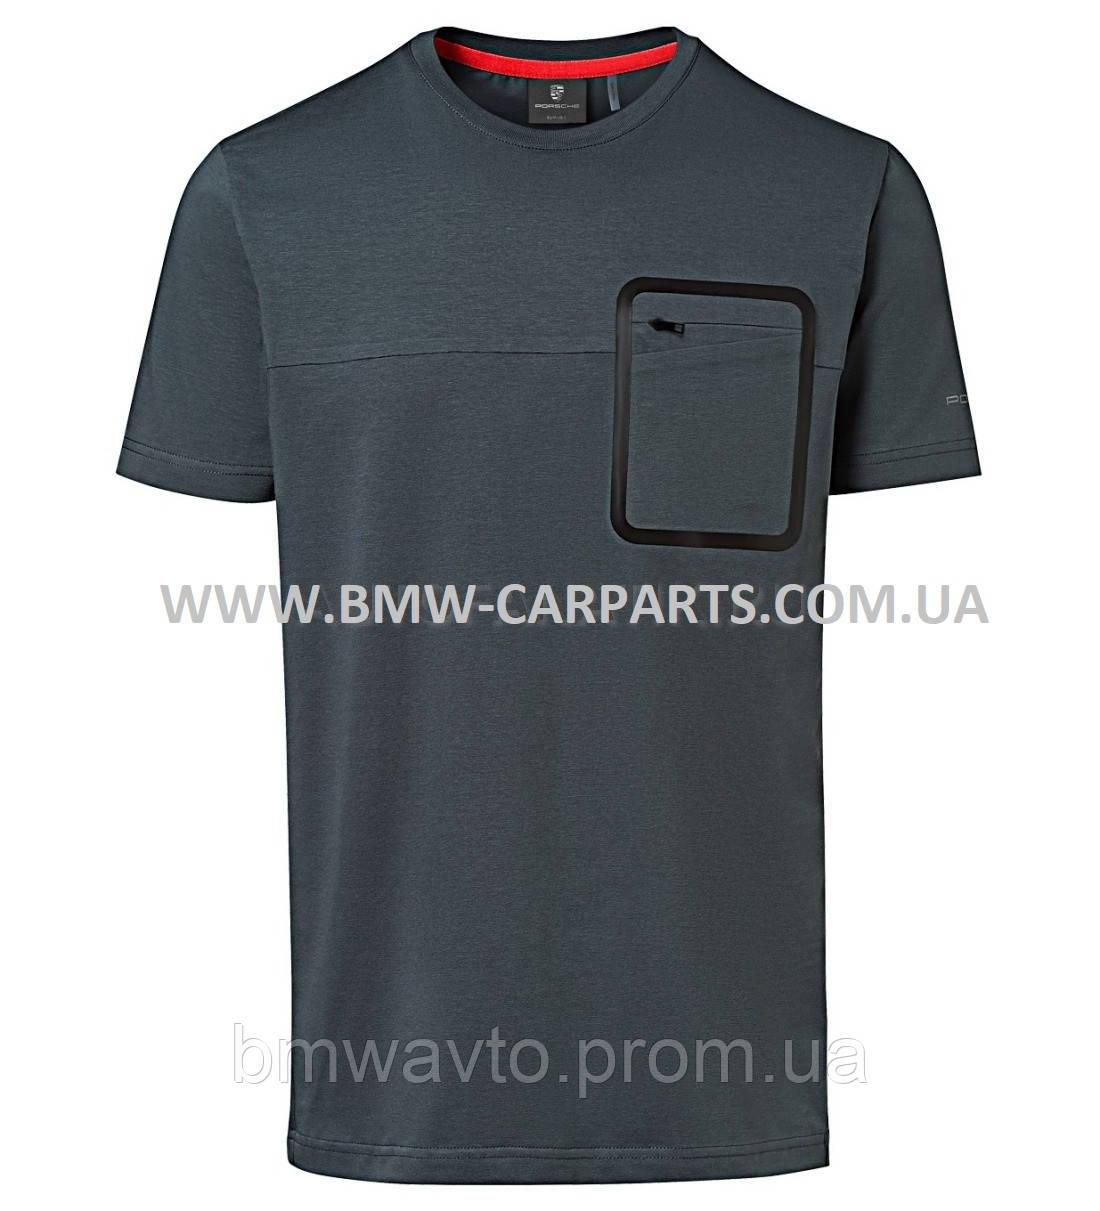 Мужская футболка Porsche T-shirt – Urban Explorer 2019